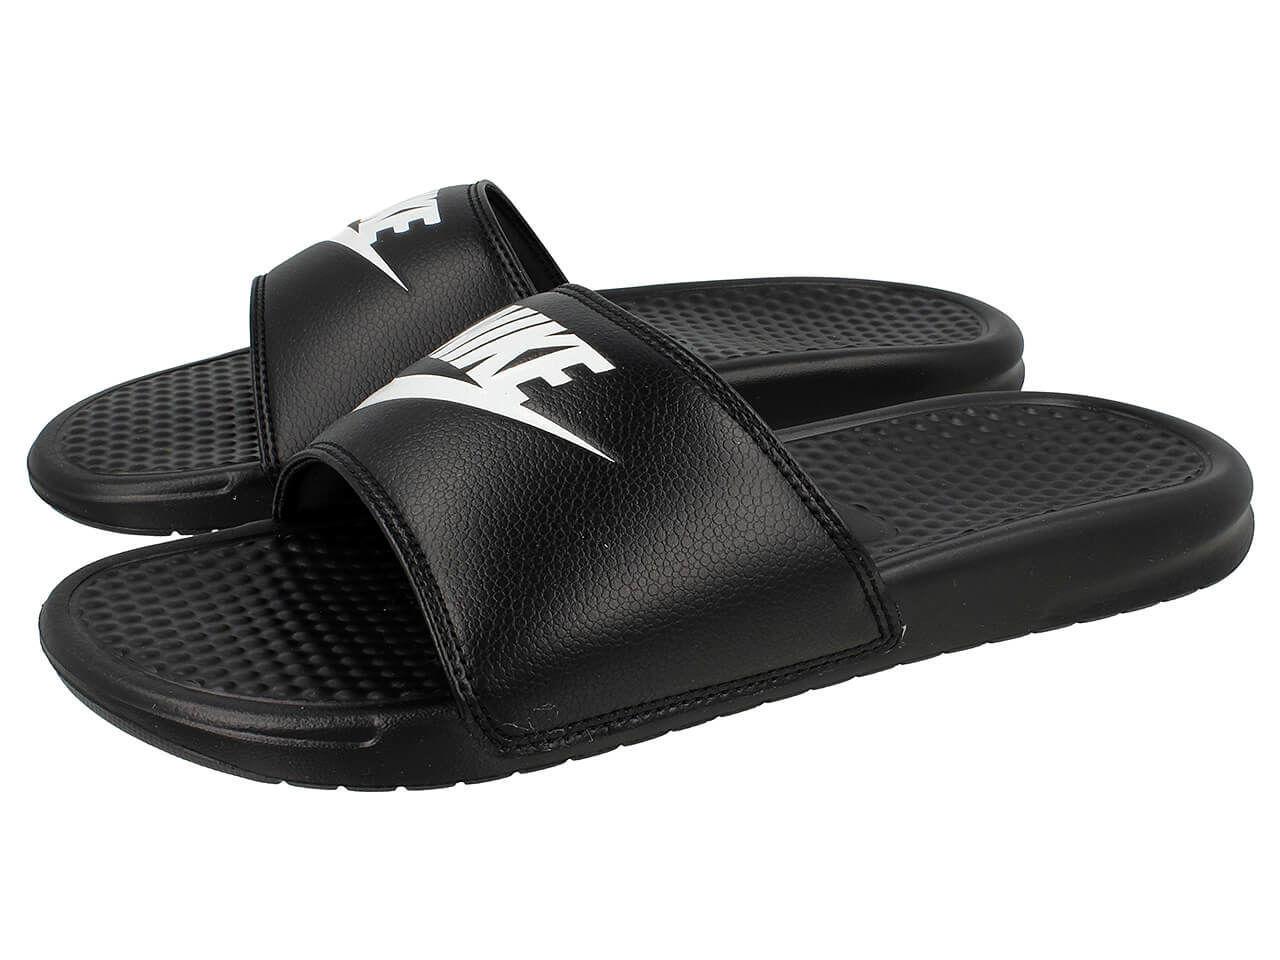 Klapki Nike Benassi JDI 343880-090 # 44